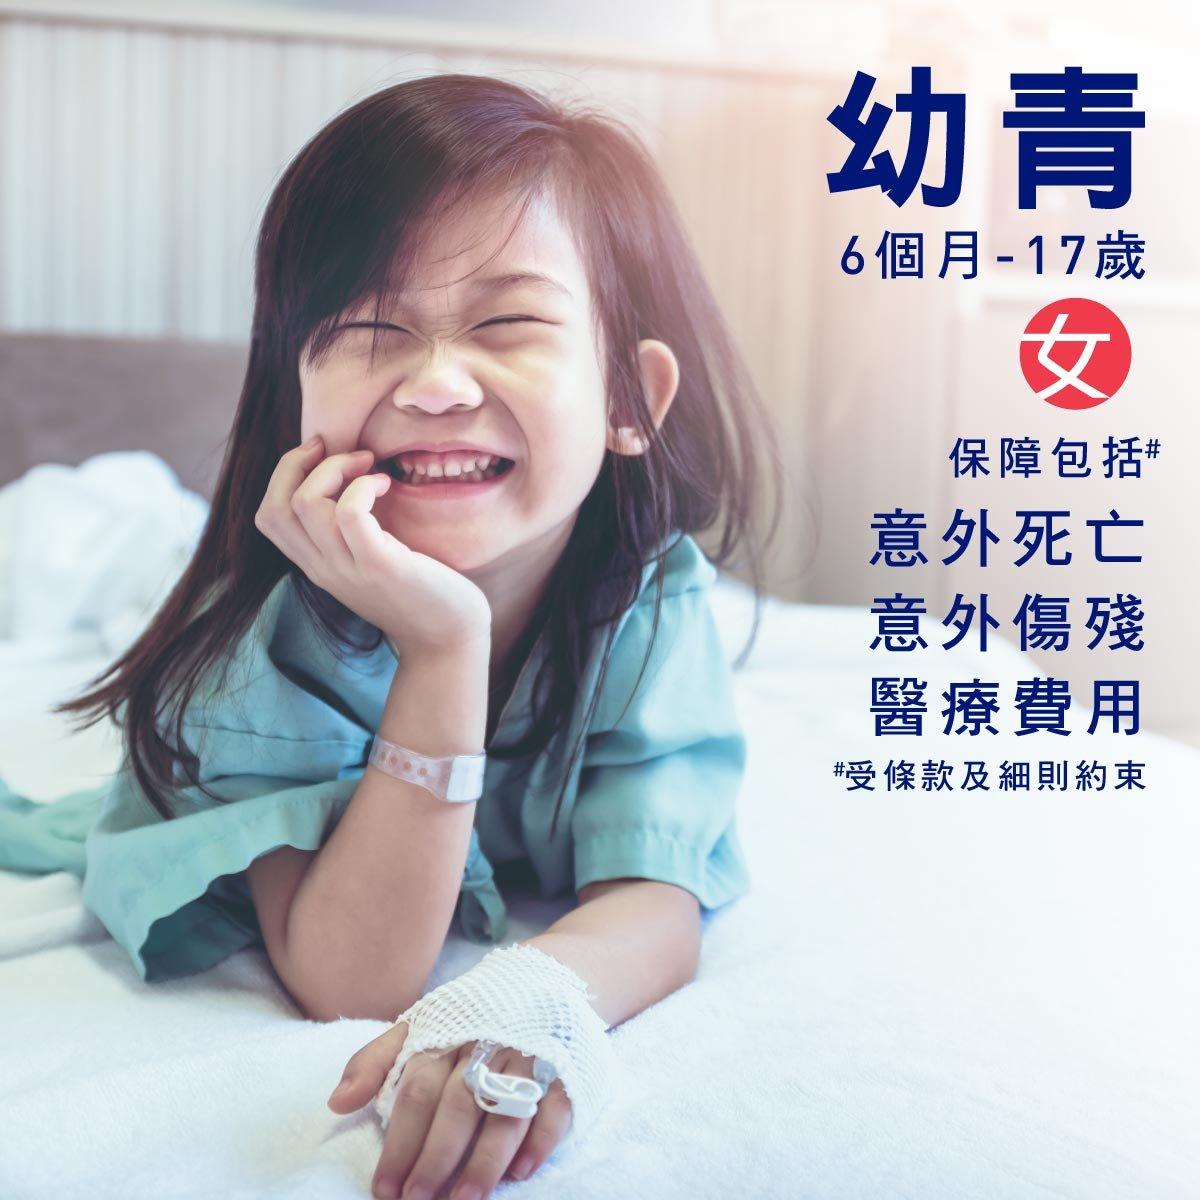 個人意外保險 (女) - 6個月至17歲